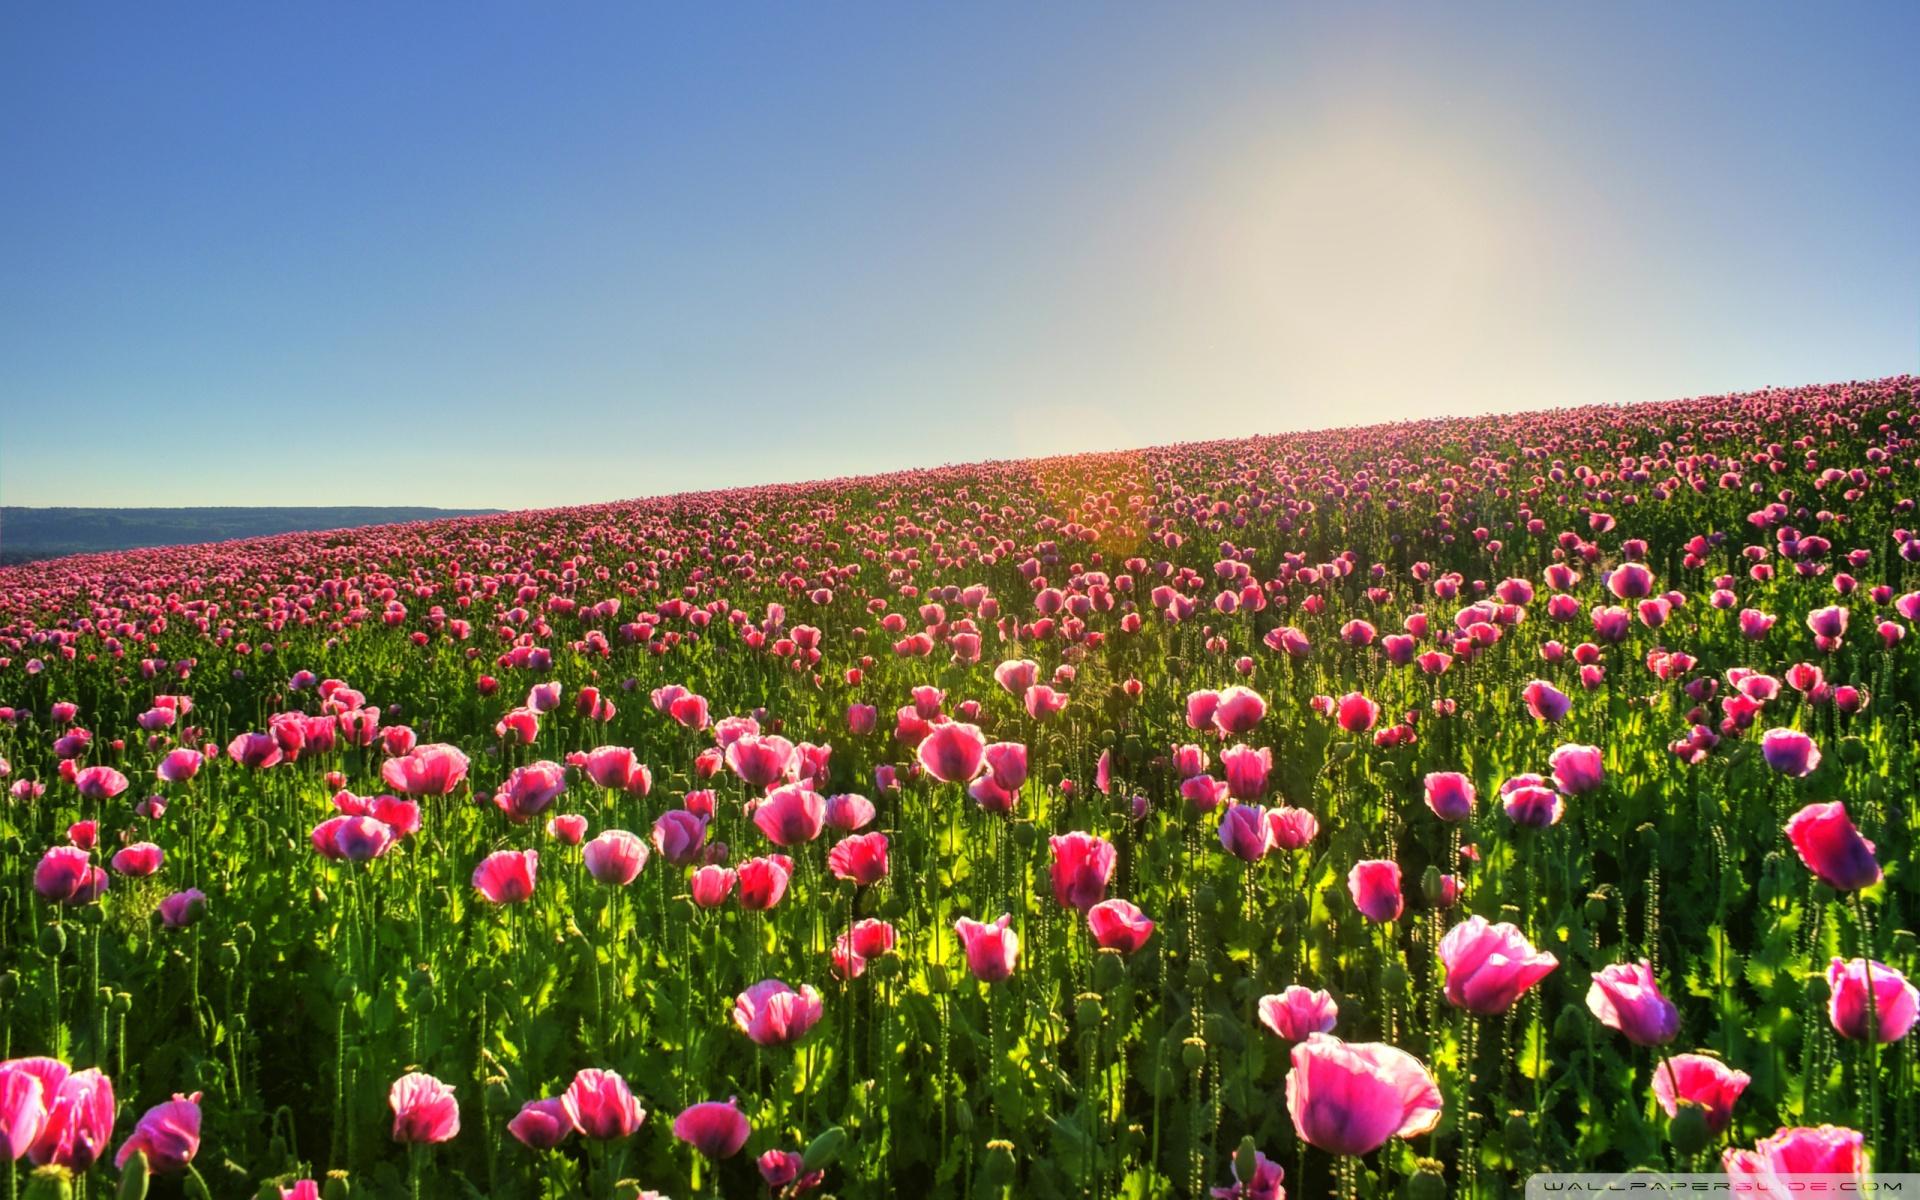 Beautiful Flower Field Wallpaper 13378